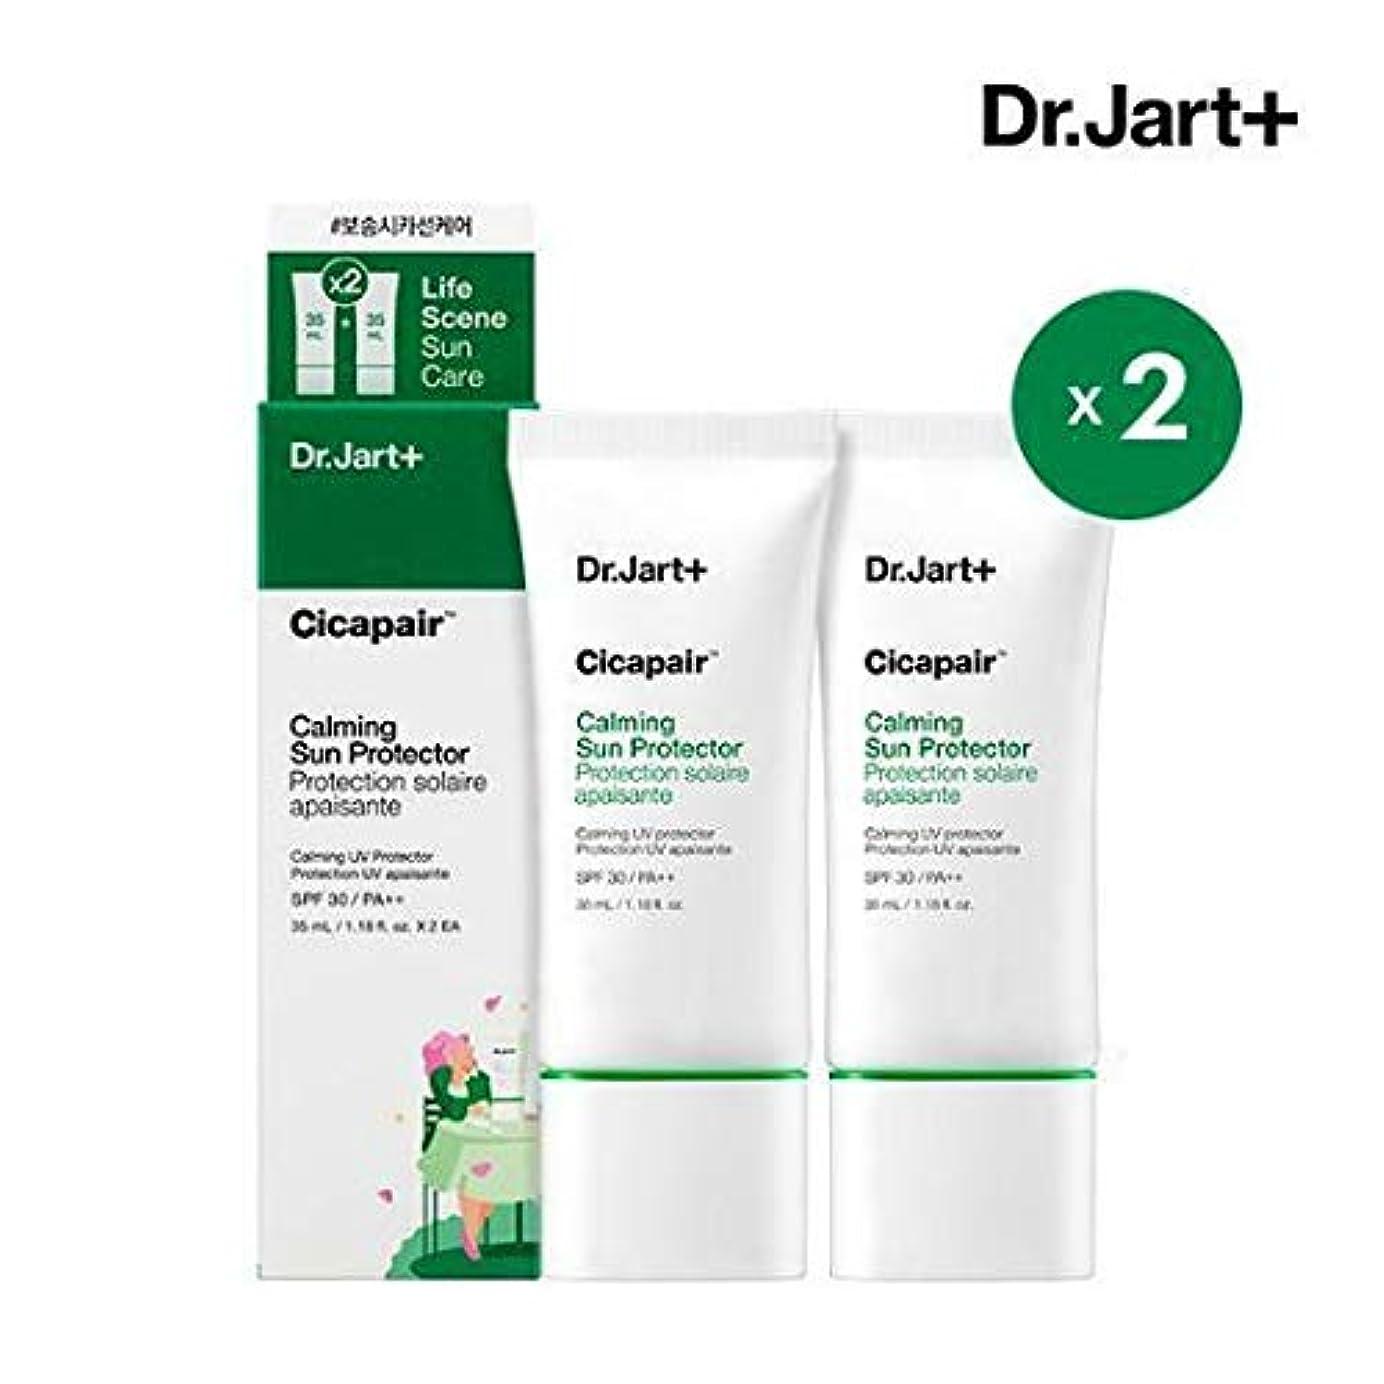 冷蔵庫ぬいぐるみ不満[1+1] Dr.Jart+ ドクタージャルト シカペアー カーミング サンプロテクター 35ml SPF30 / PA+++ Dr Jart DrJart